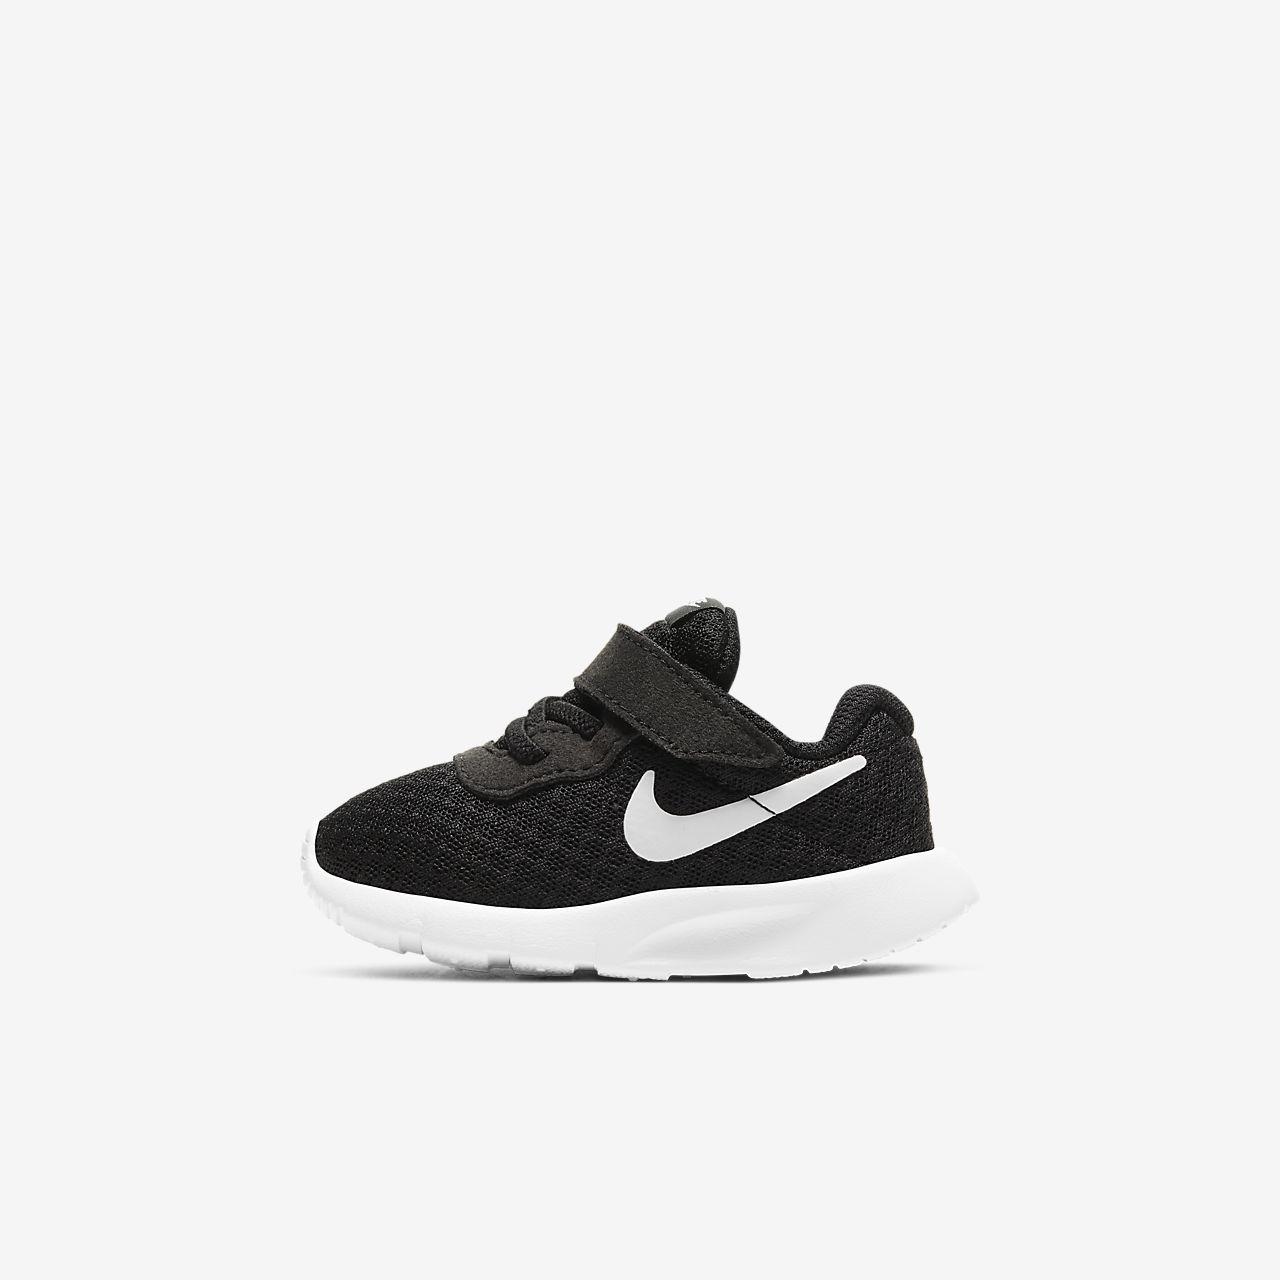 Nike Tanjun Schoen baby's/peuters (17-27)